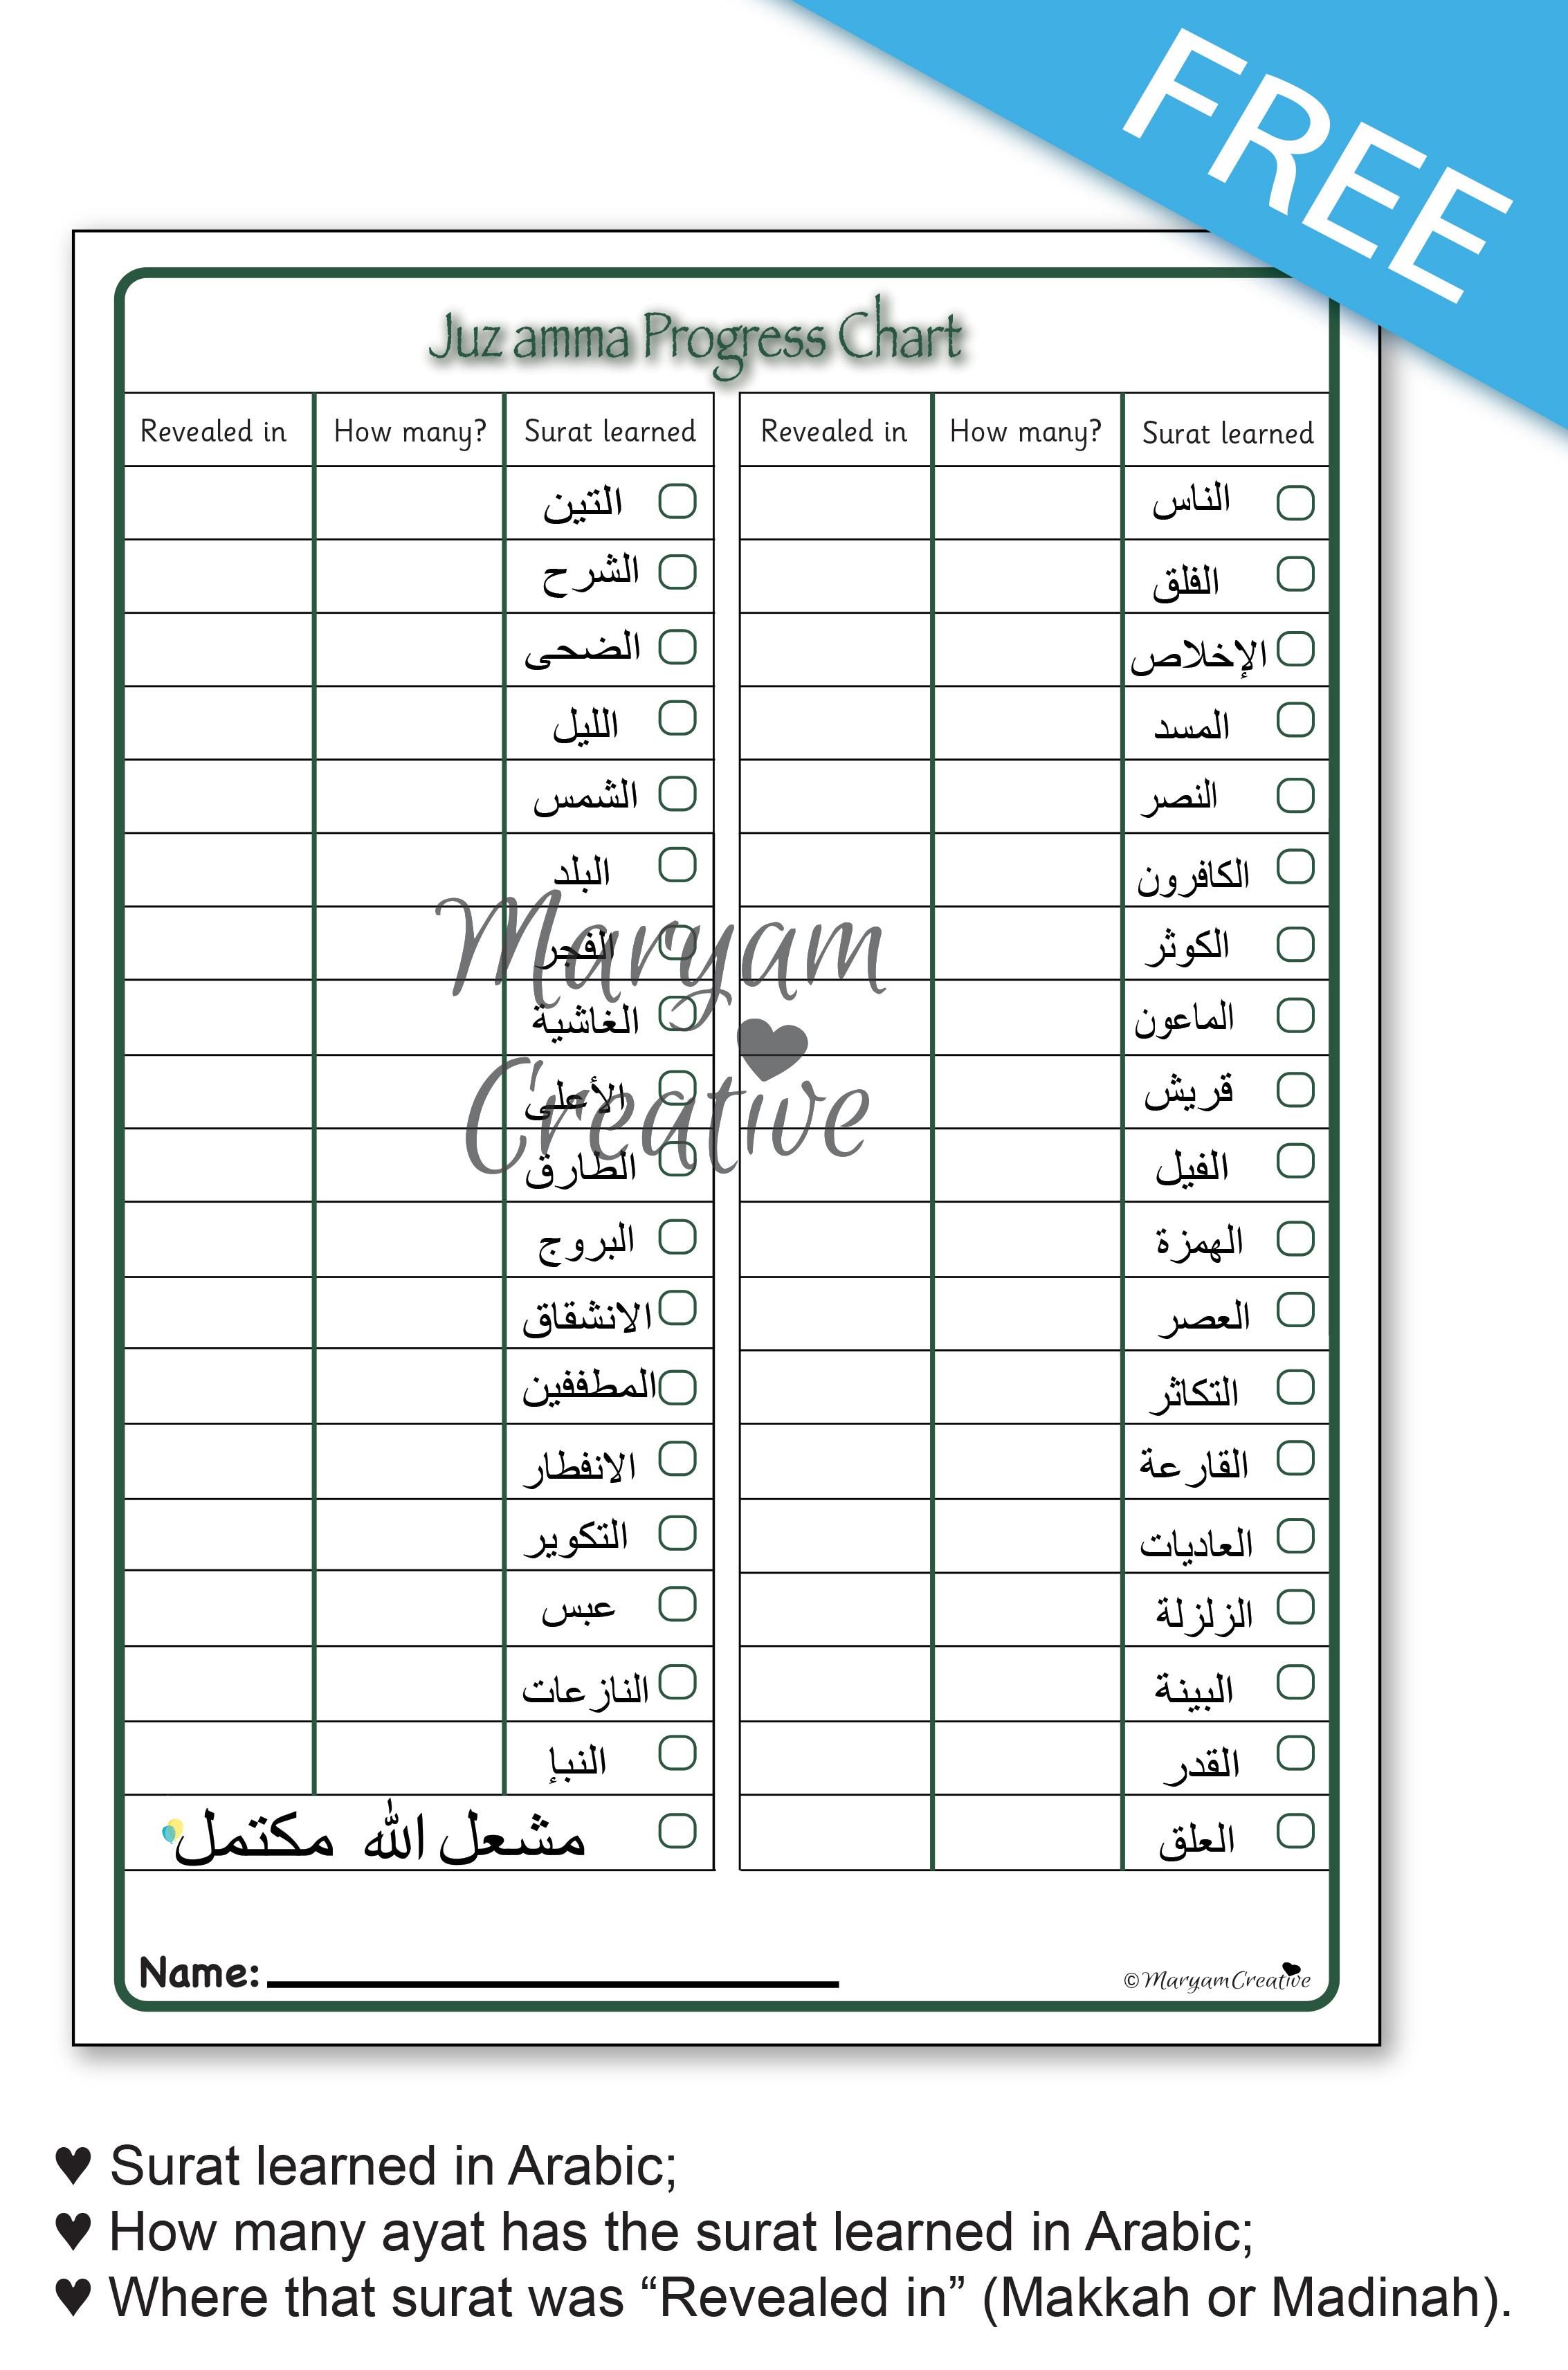 Quran Juzz Amma Progress Chart Version 2